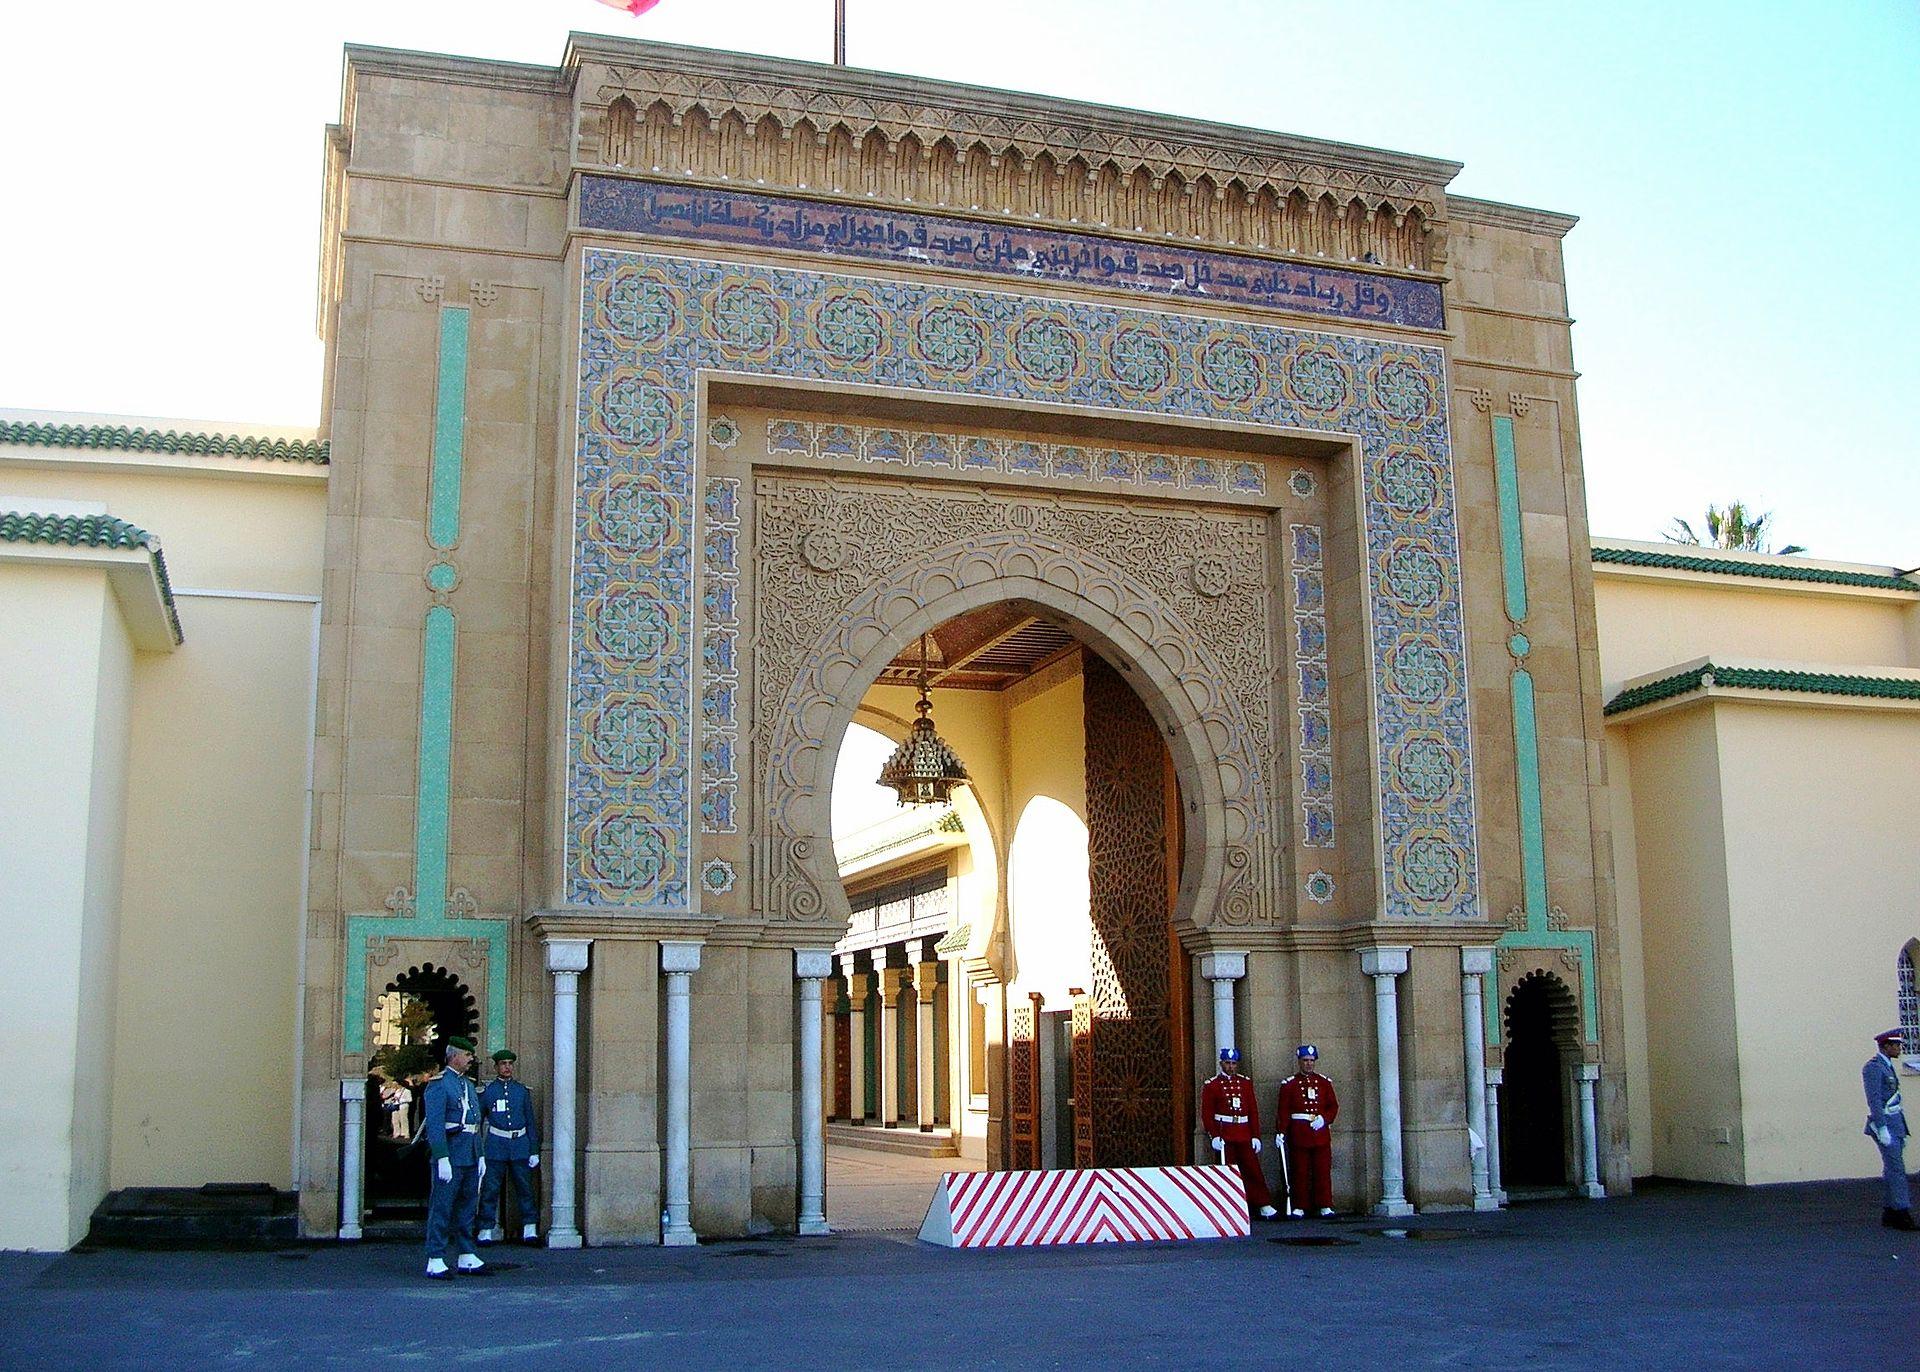 6天时光 感受摩洛哥四大都城的独特魅力 | 全球GO